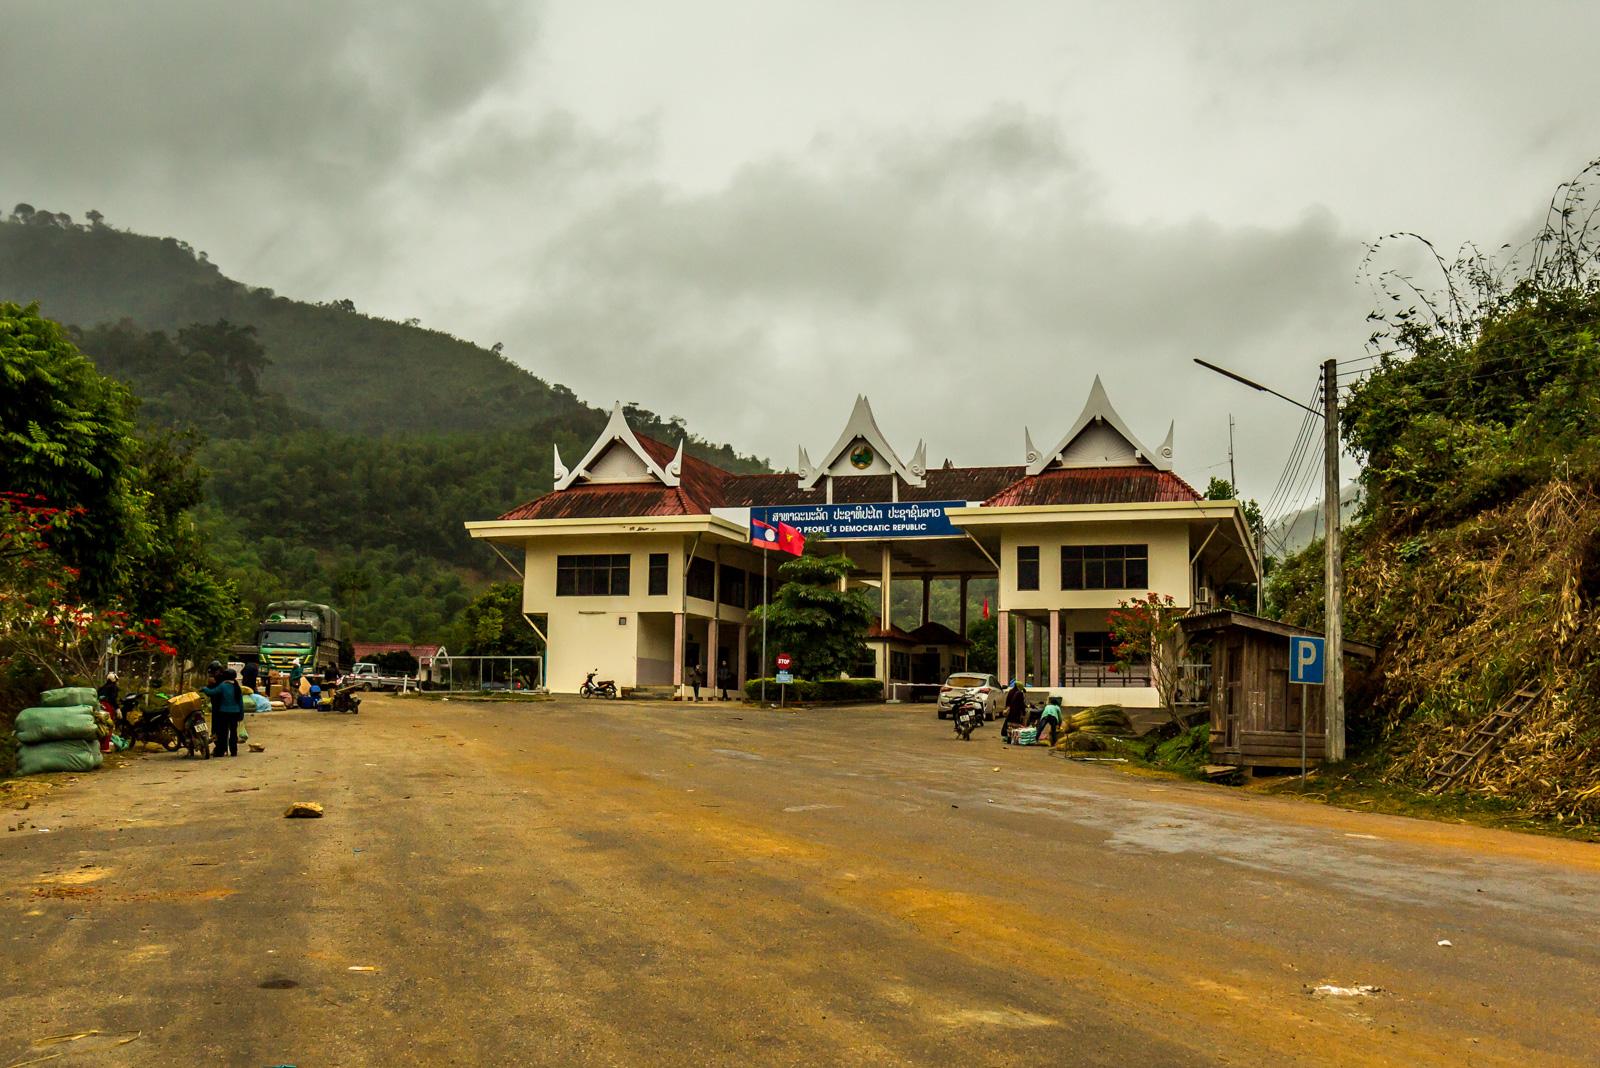 Approaching Laos.